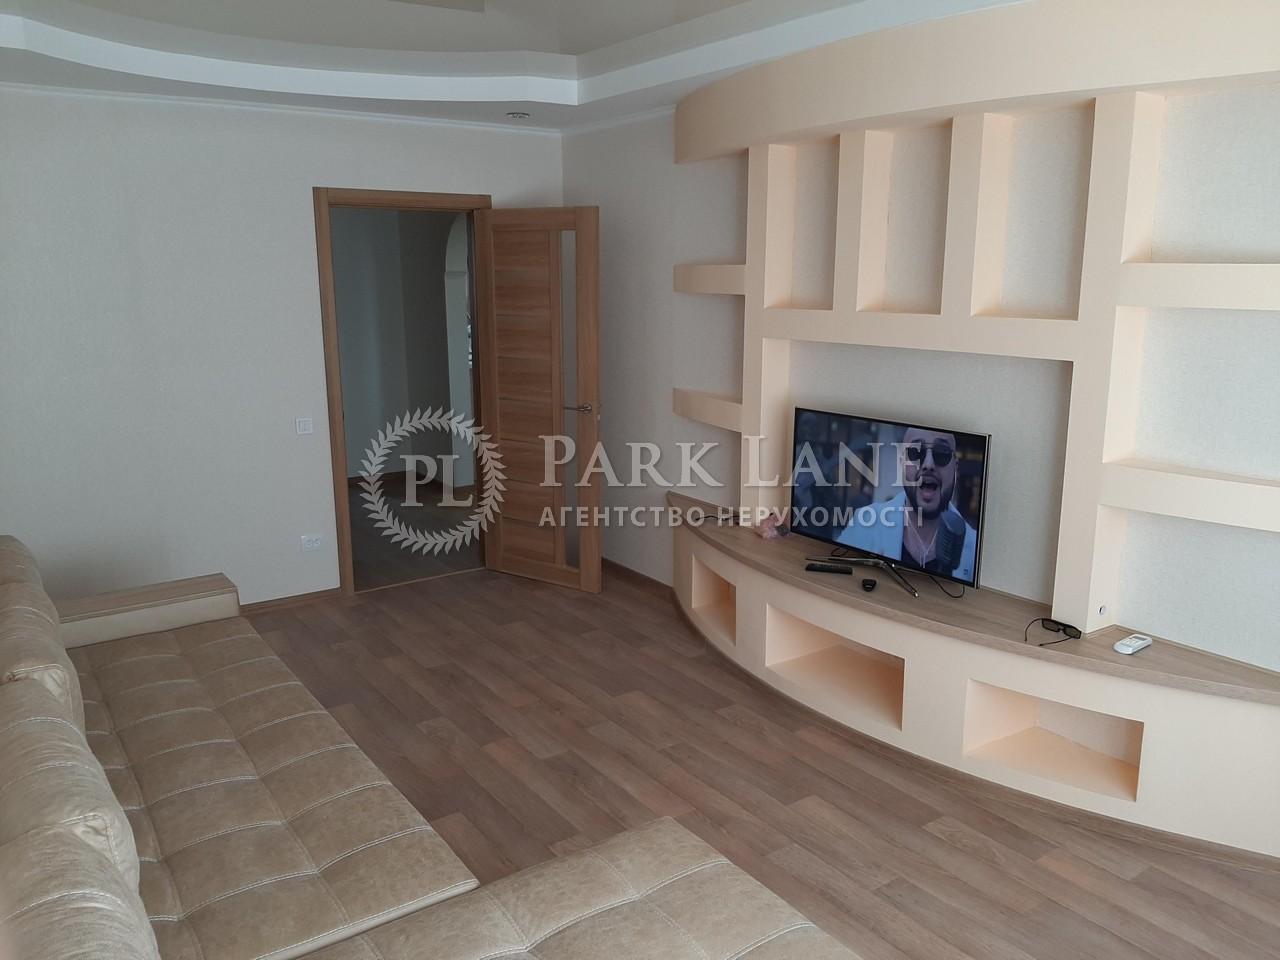 Квартира ул. Ломоносова, 36в, Киев, Z-579521 - Фото 3